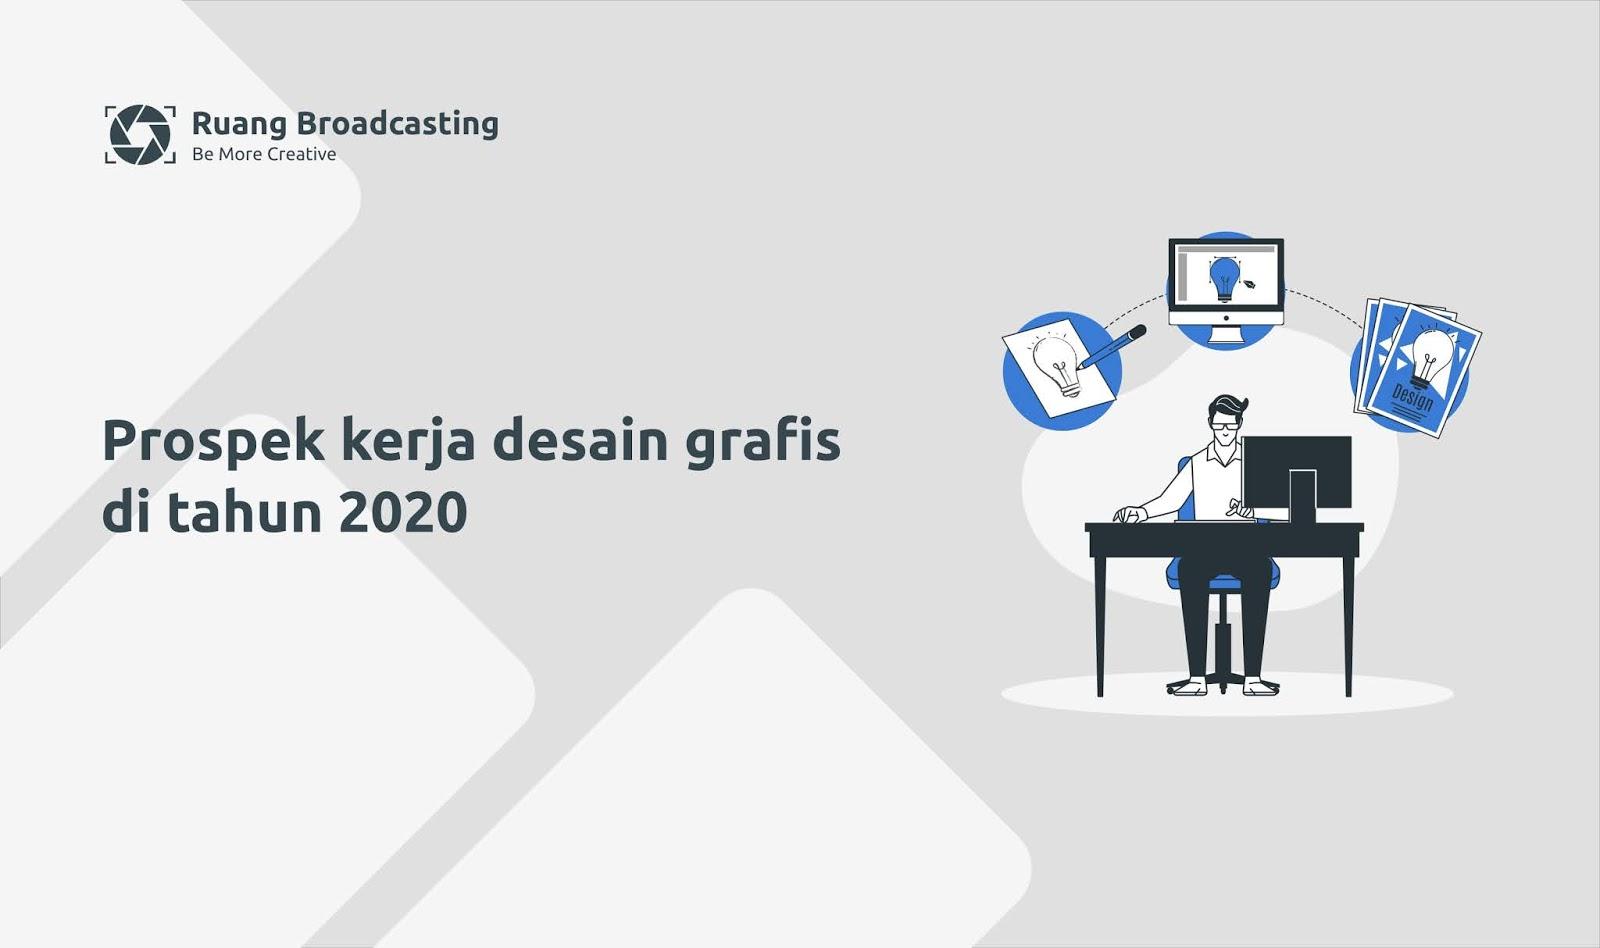 Prospek kerja desain grafis di tahun 2020